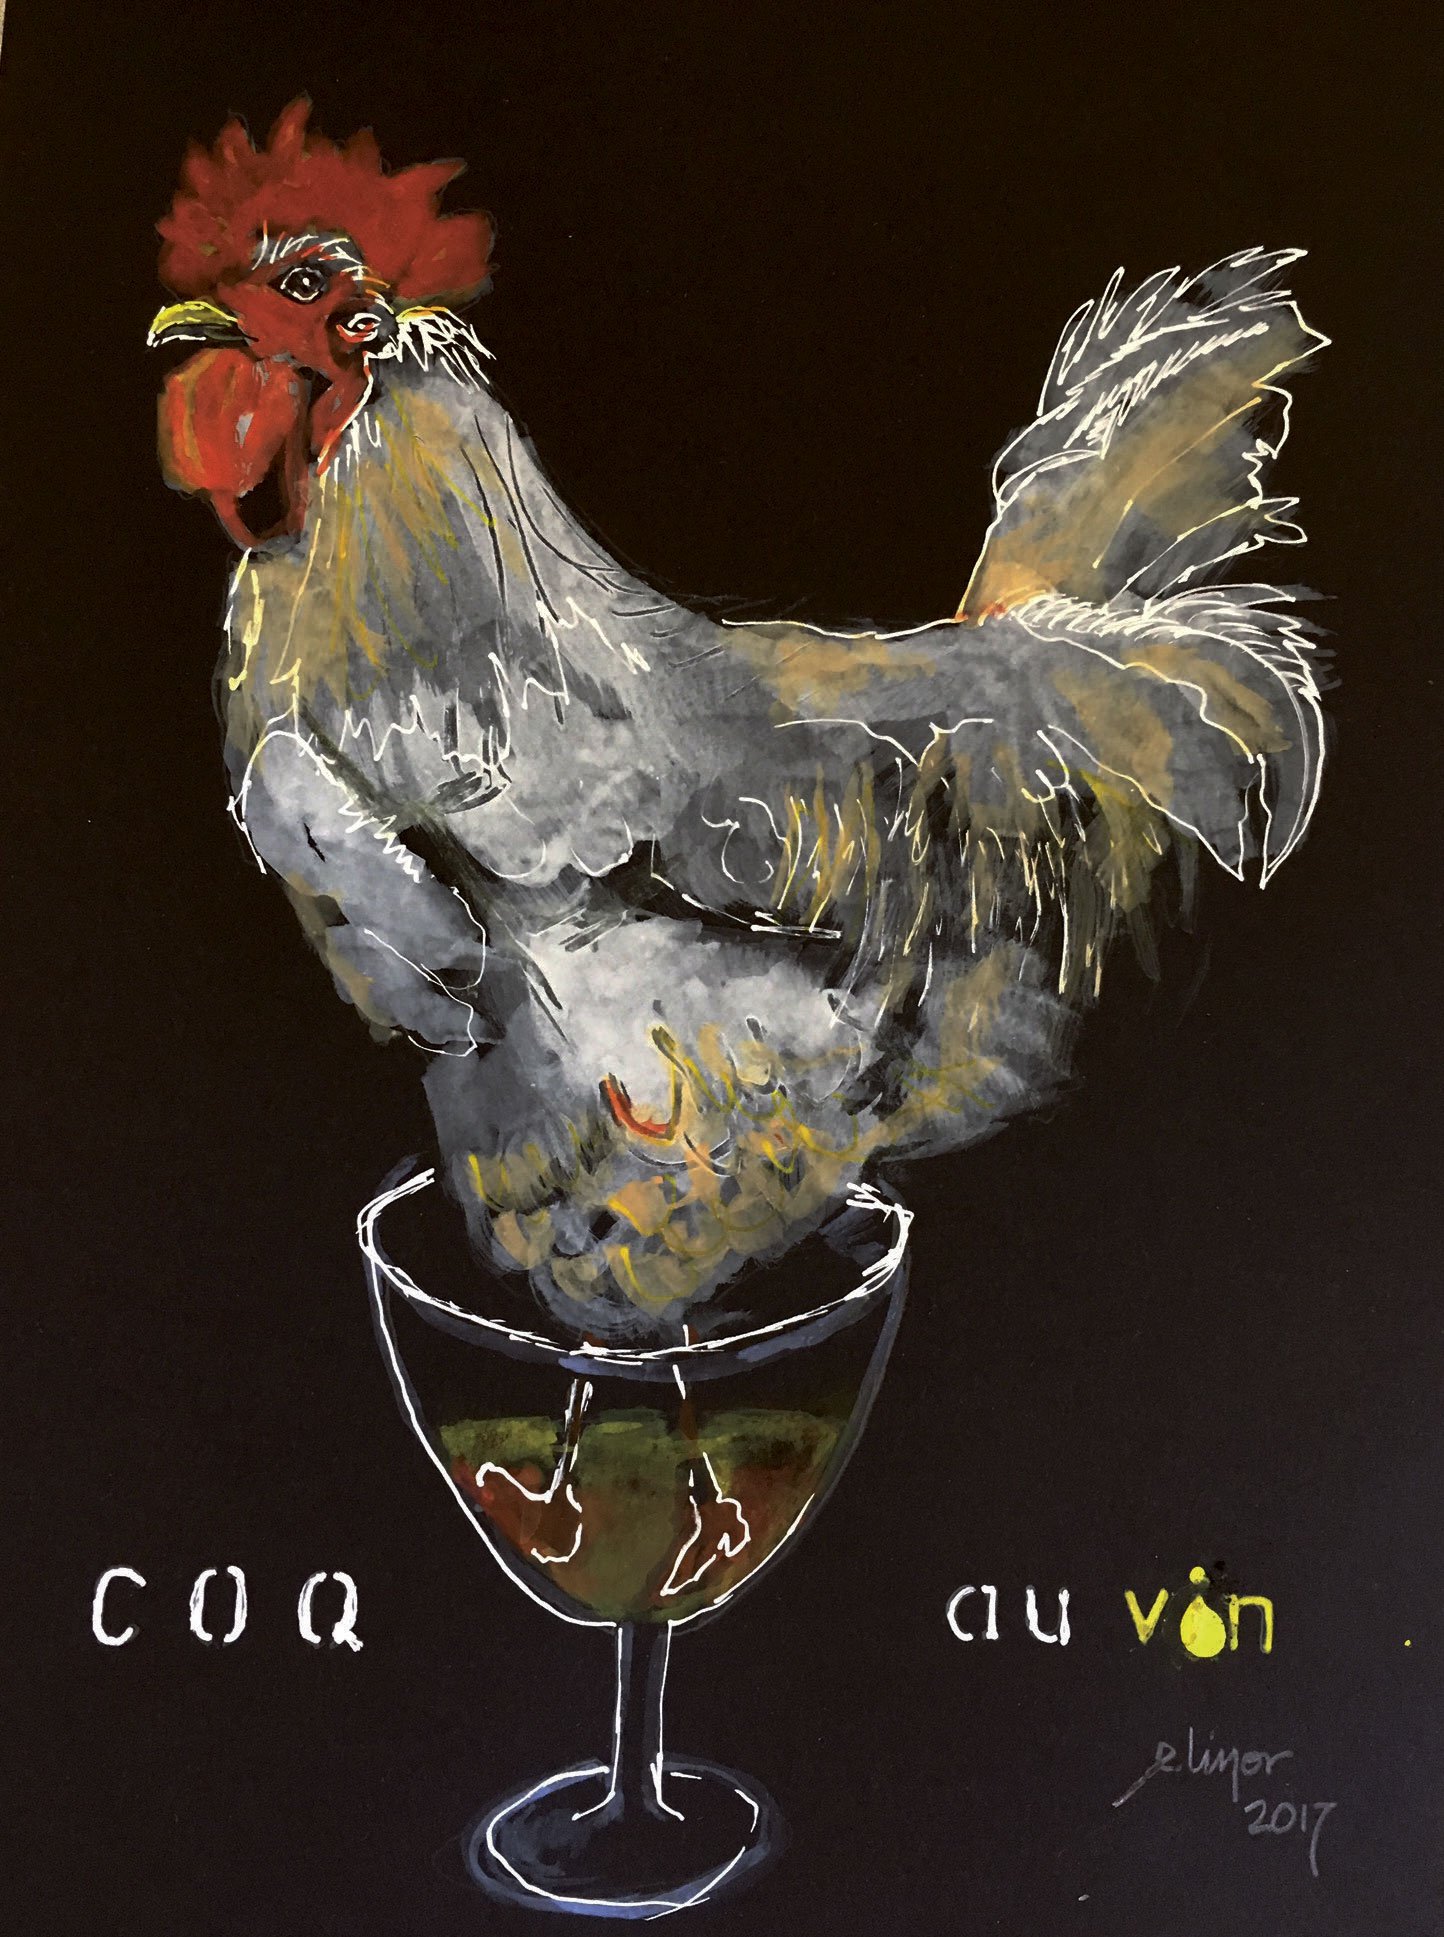 Coq-au-vin